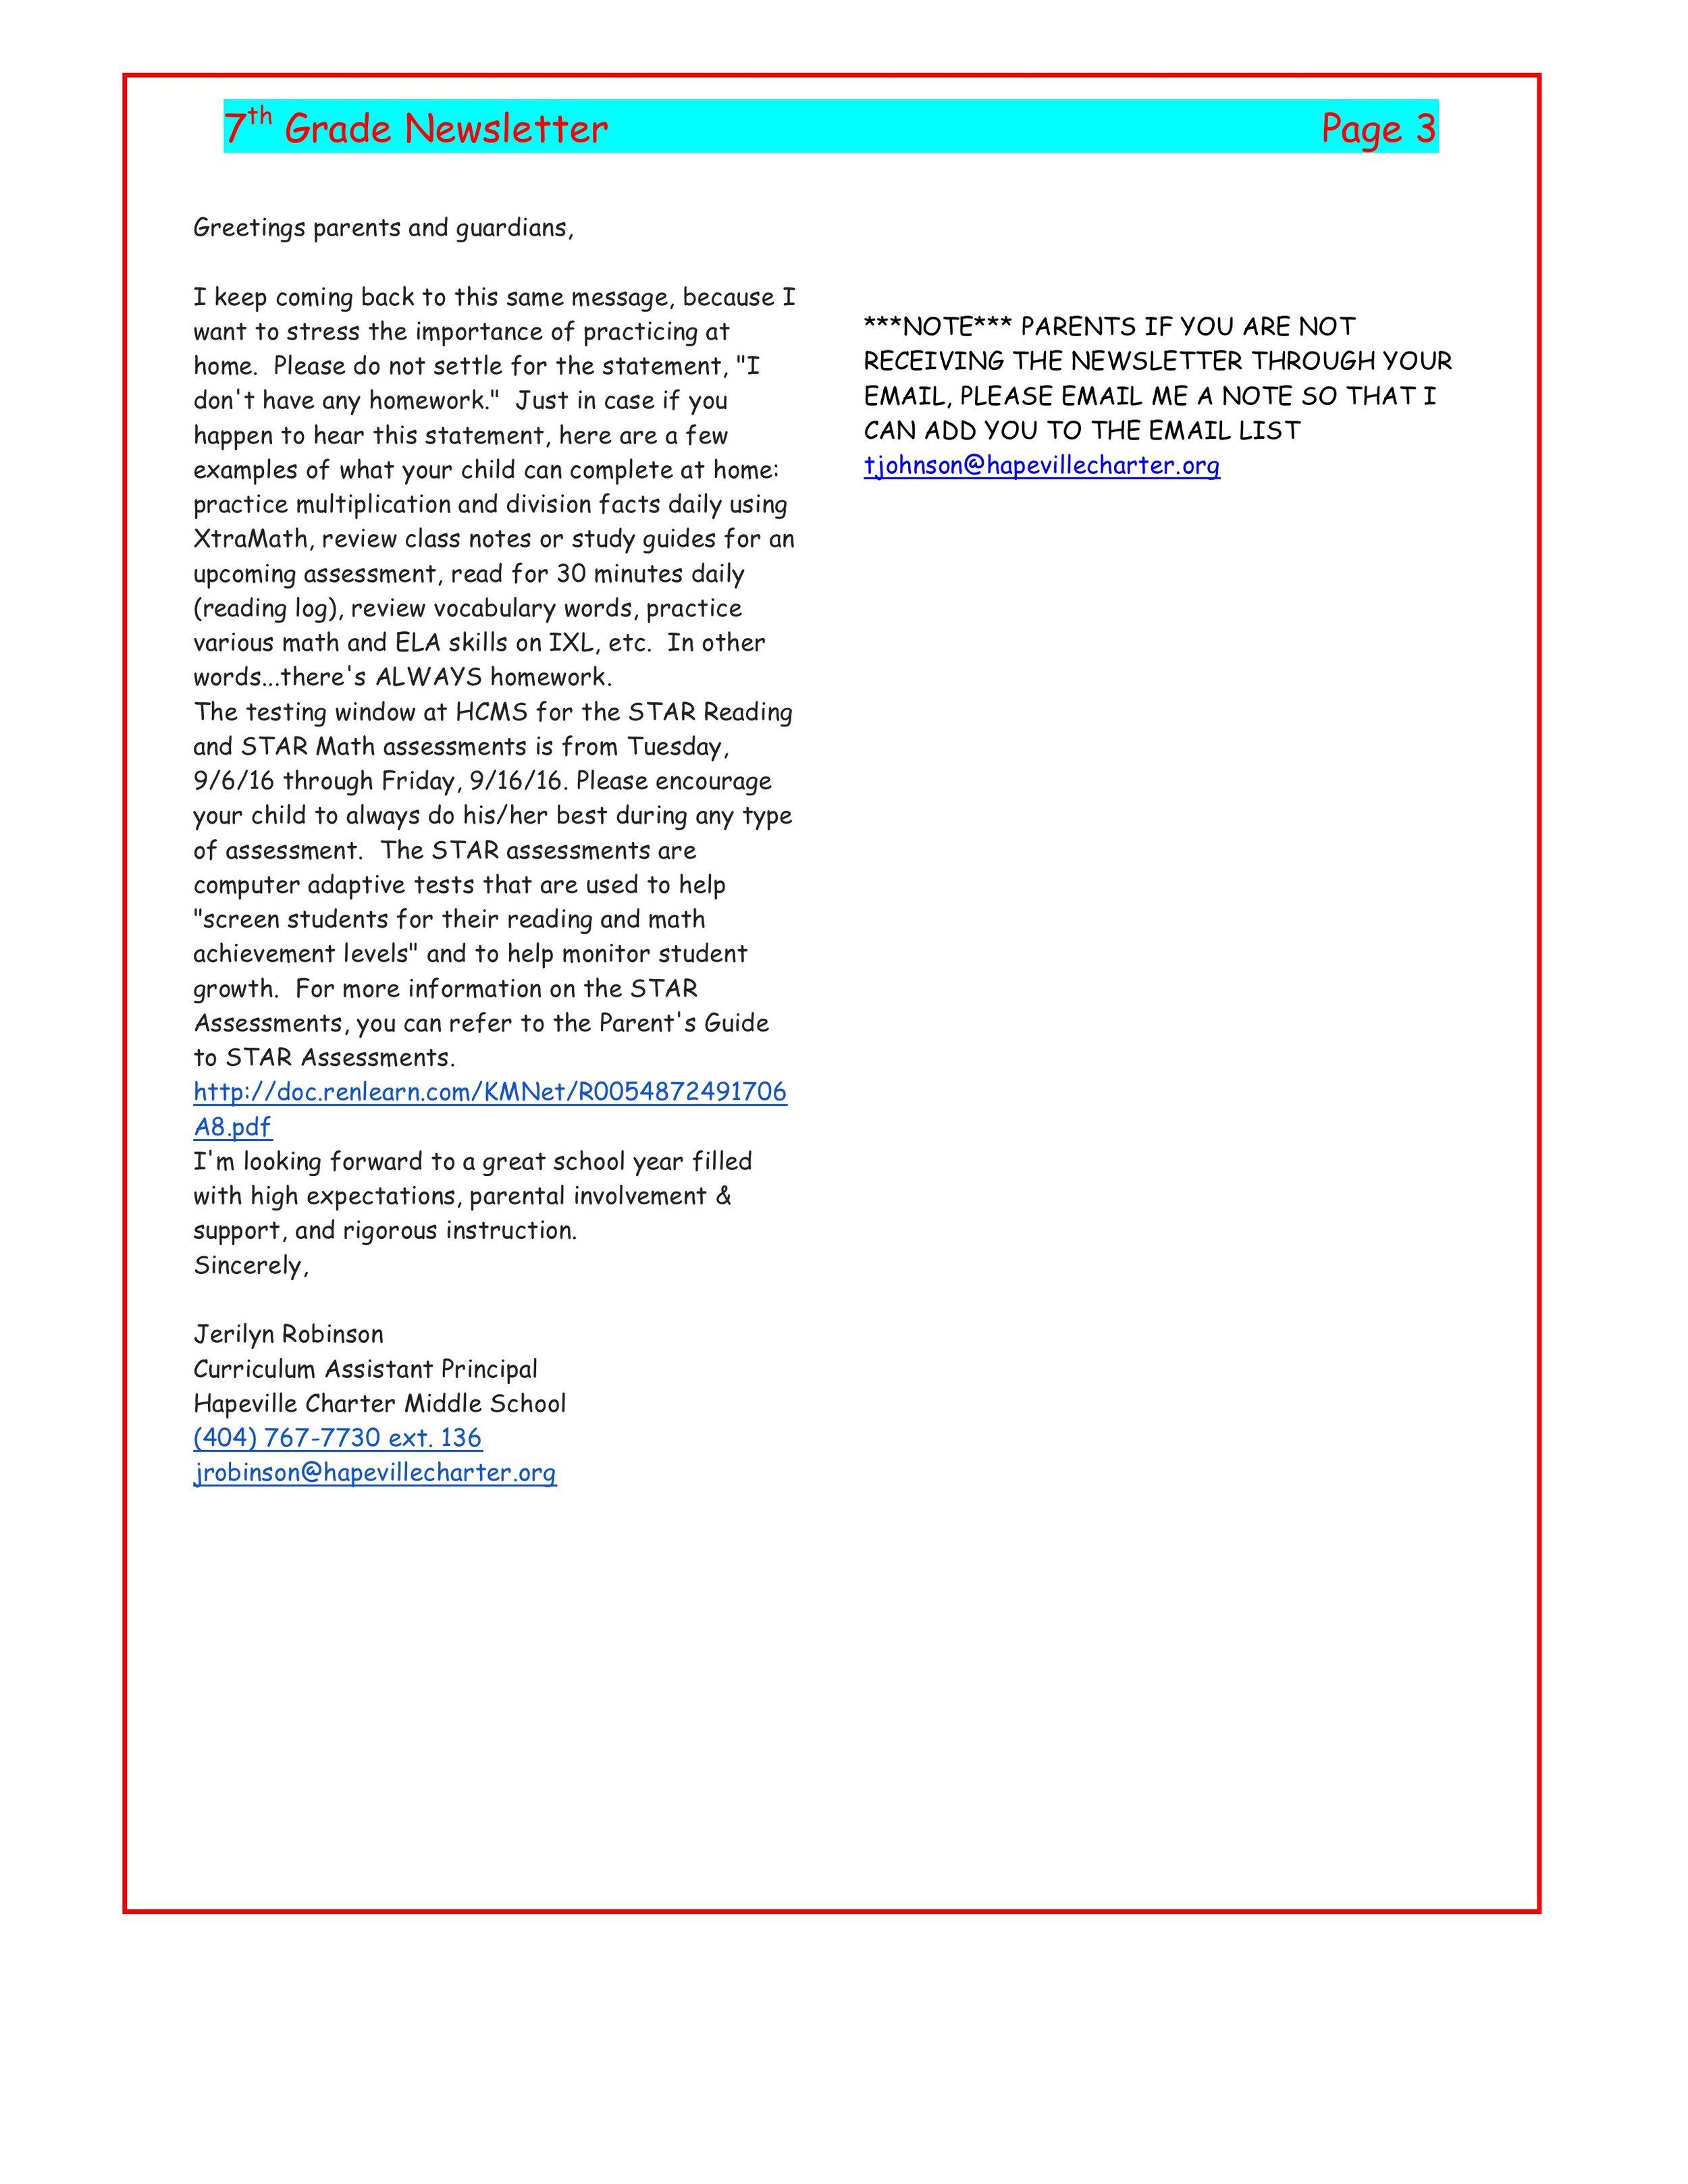 Newsletter Image7th Grade Newsletter 9-5-2016 3.jpeg